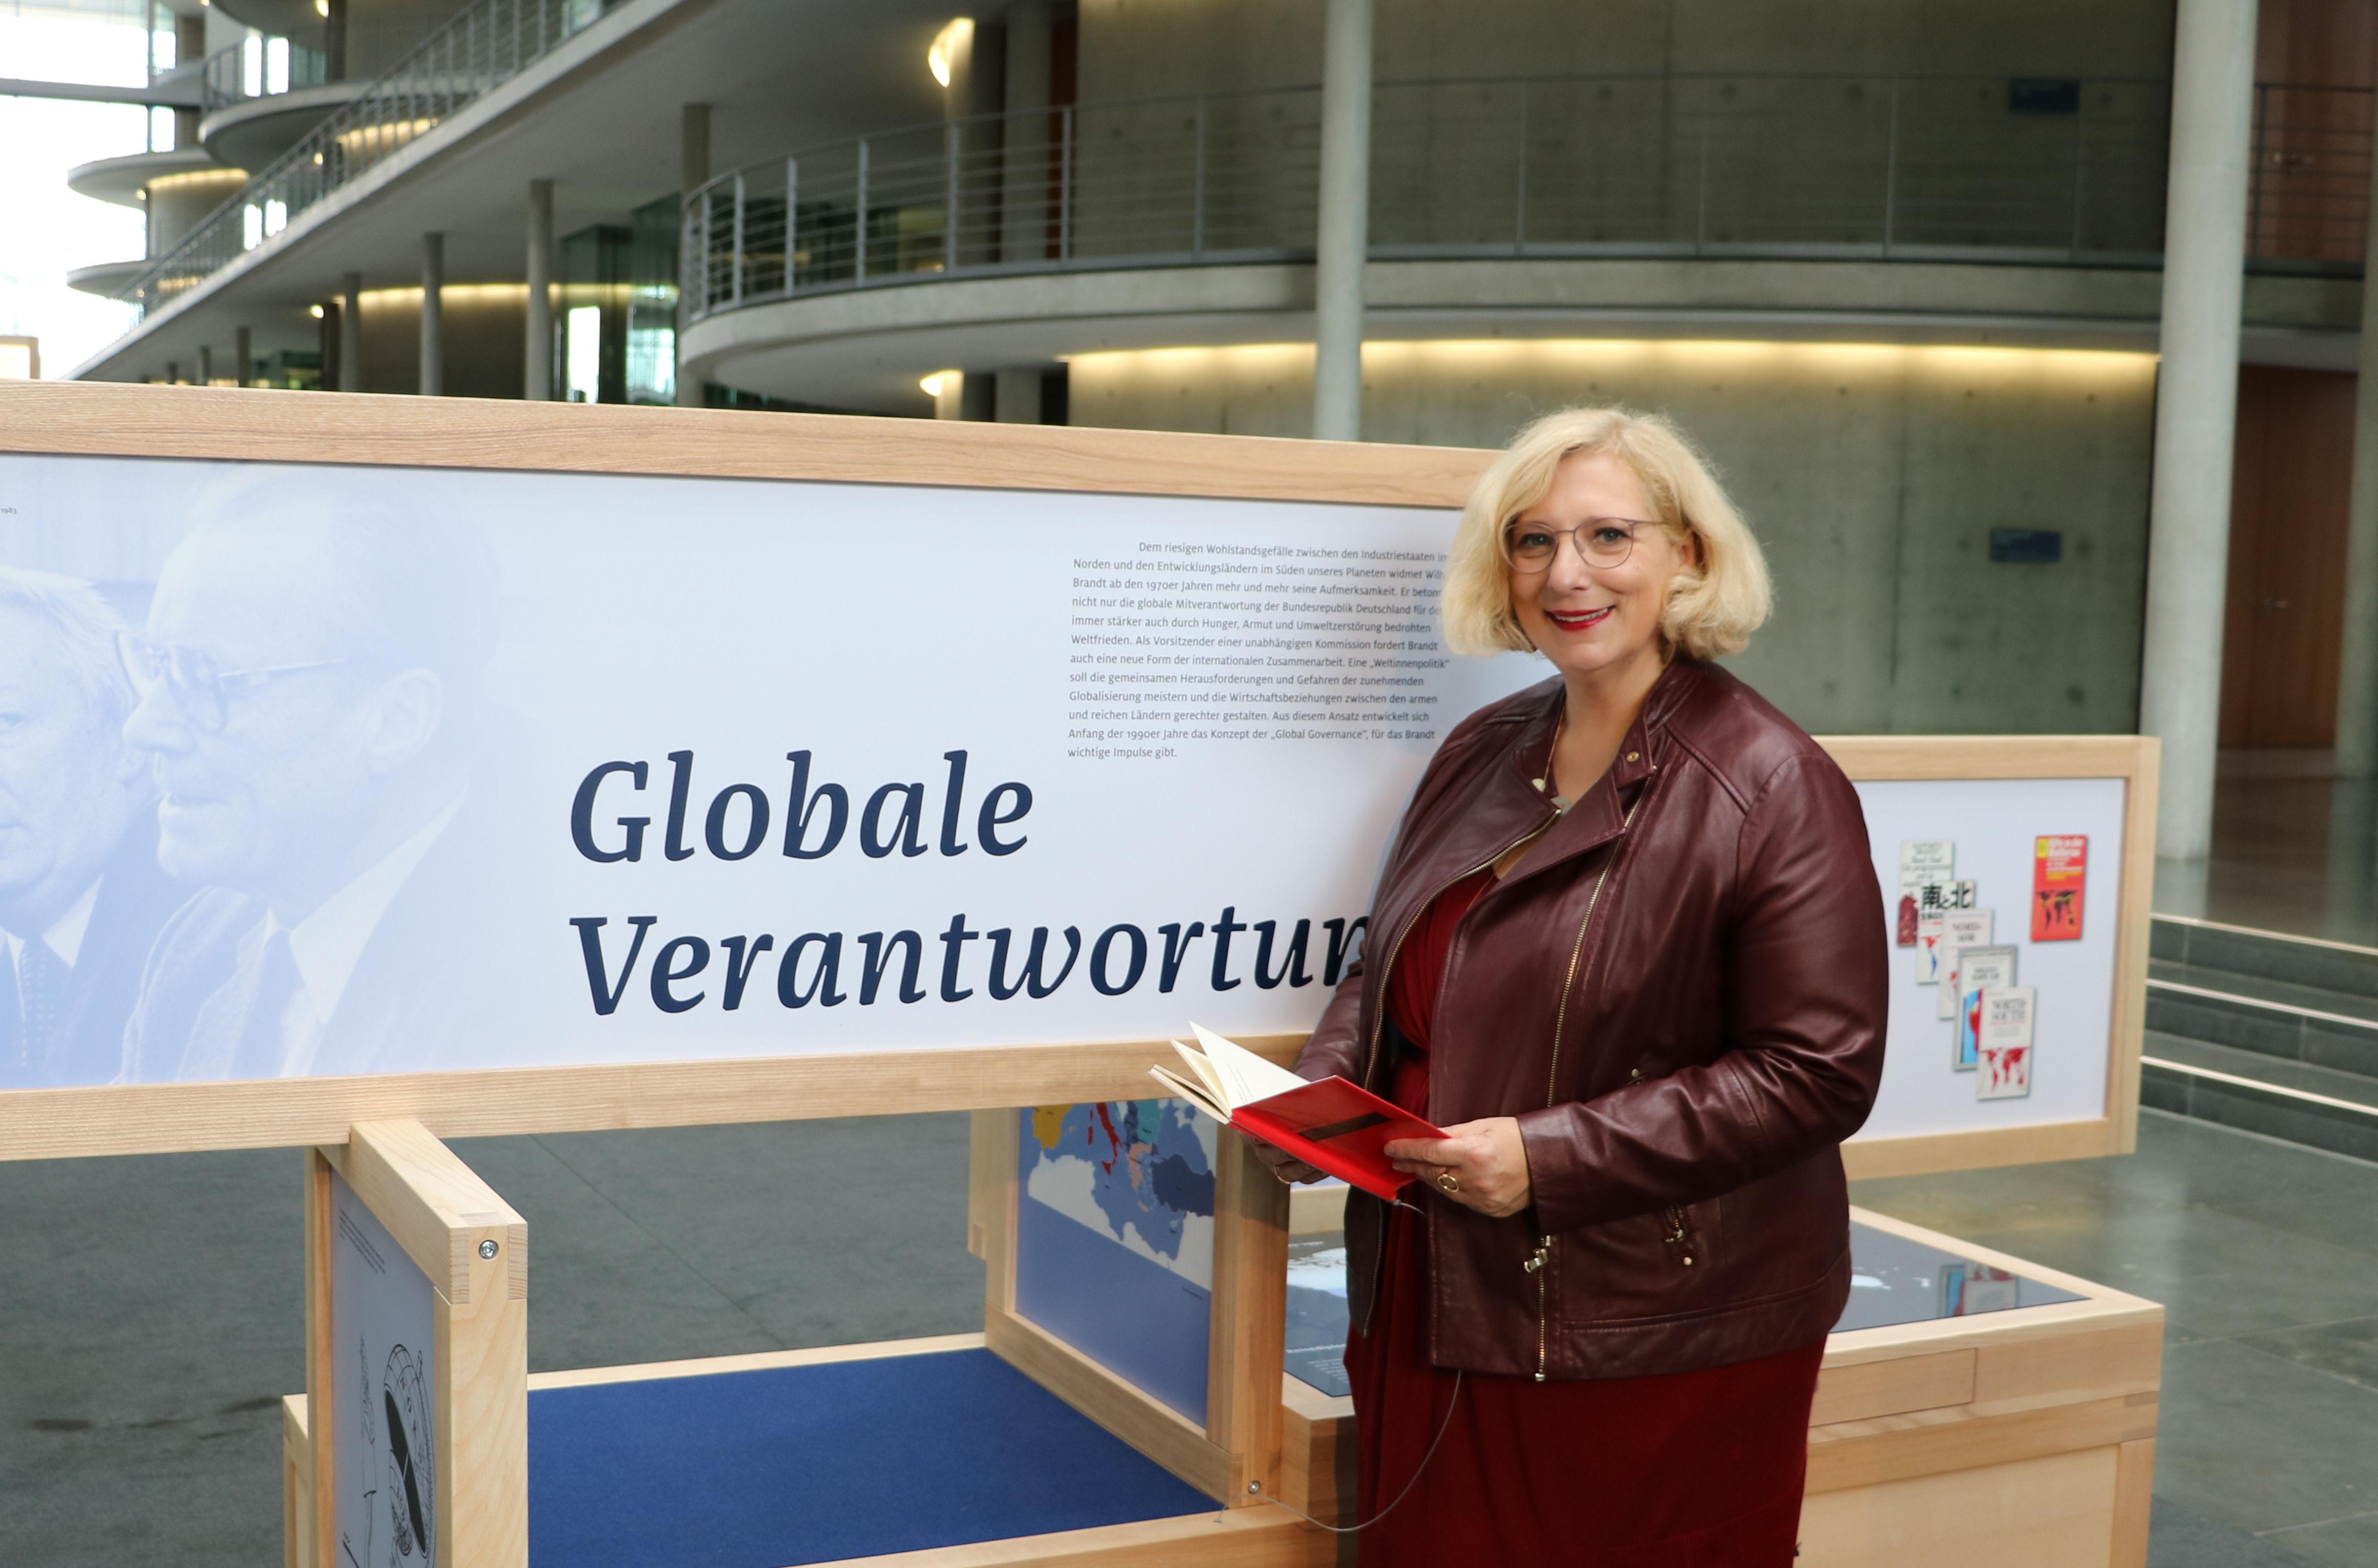 Dr. Daniela De Ridder bei der Ausstellung zum 50. Jubiläum der Vereidigung Willy Brandts